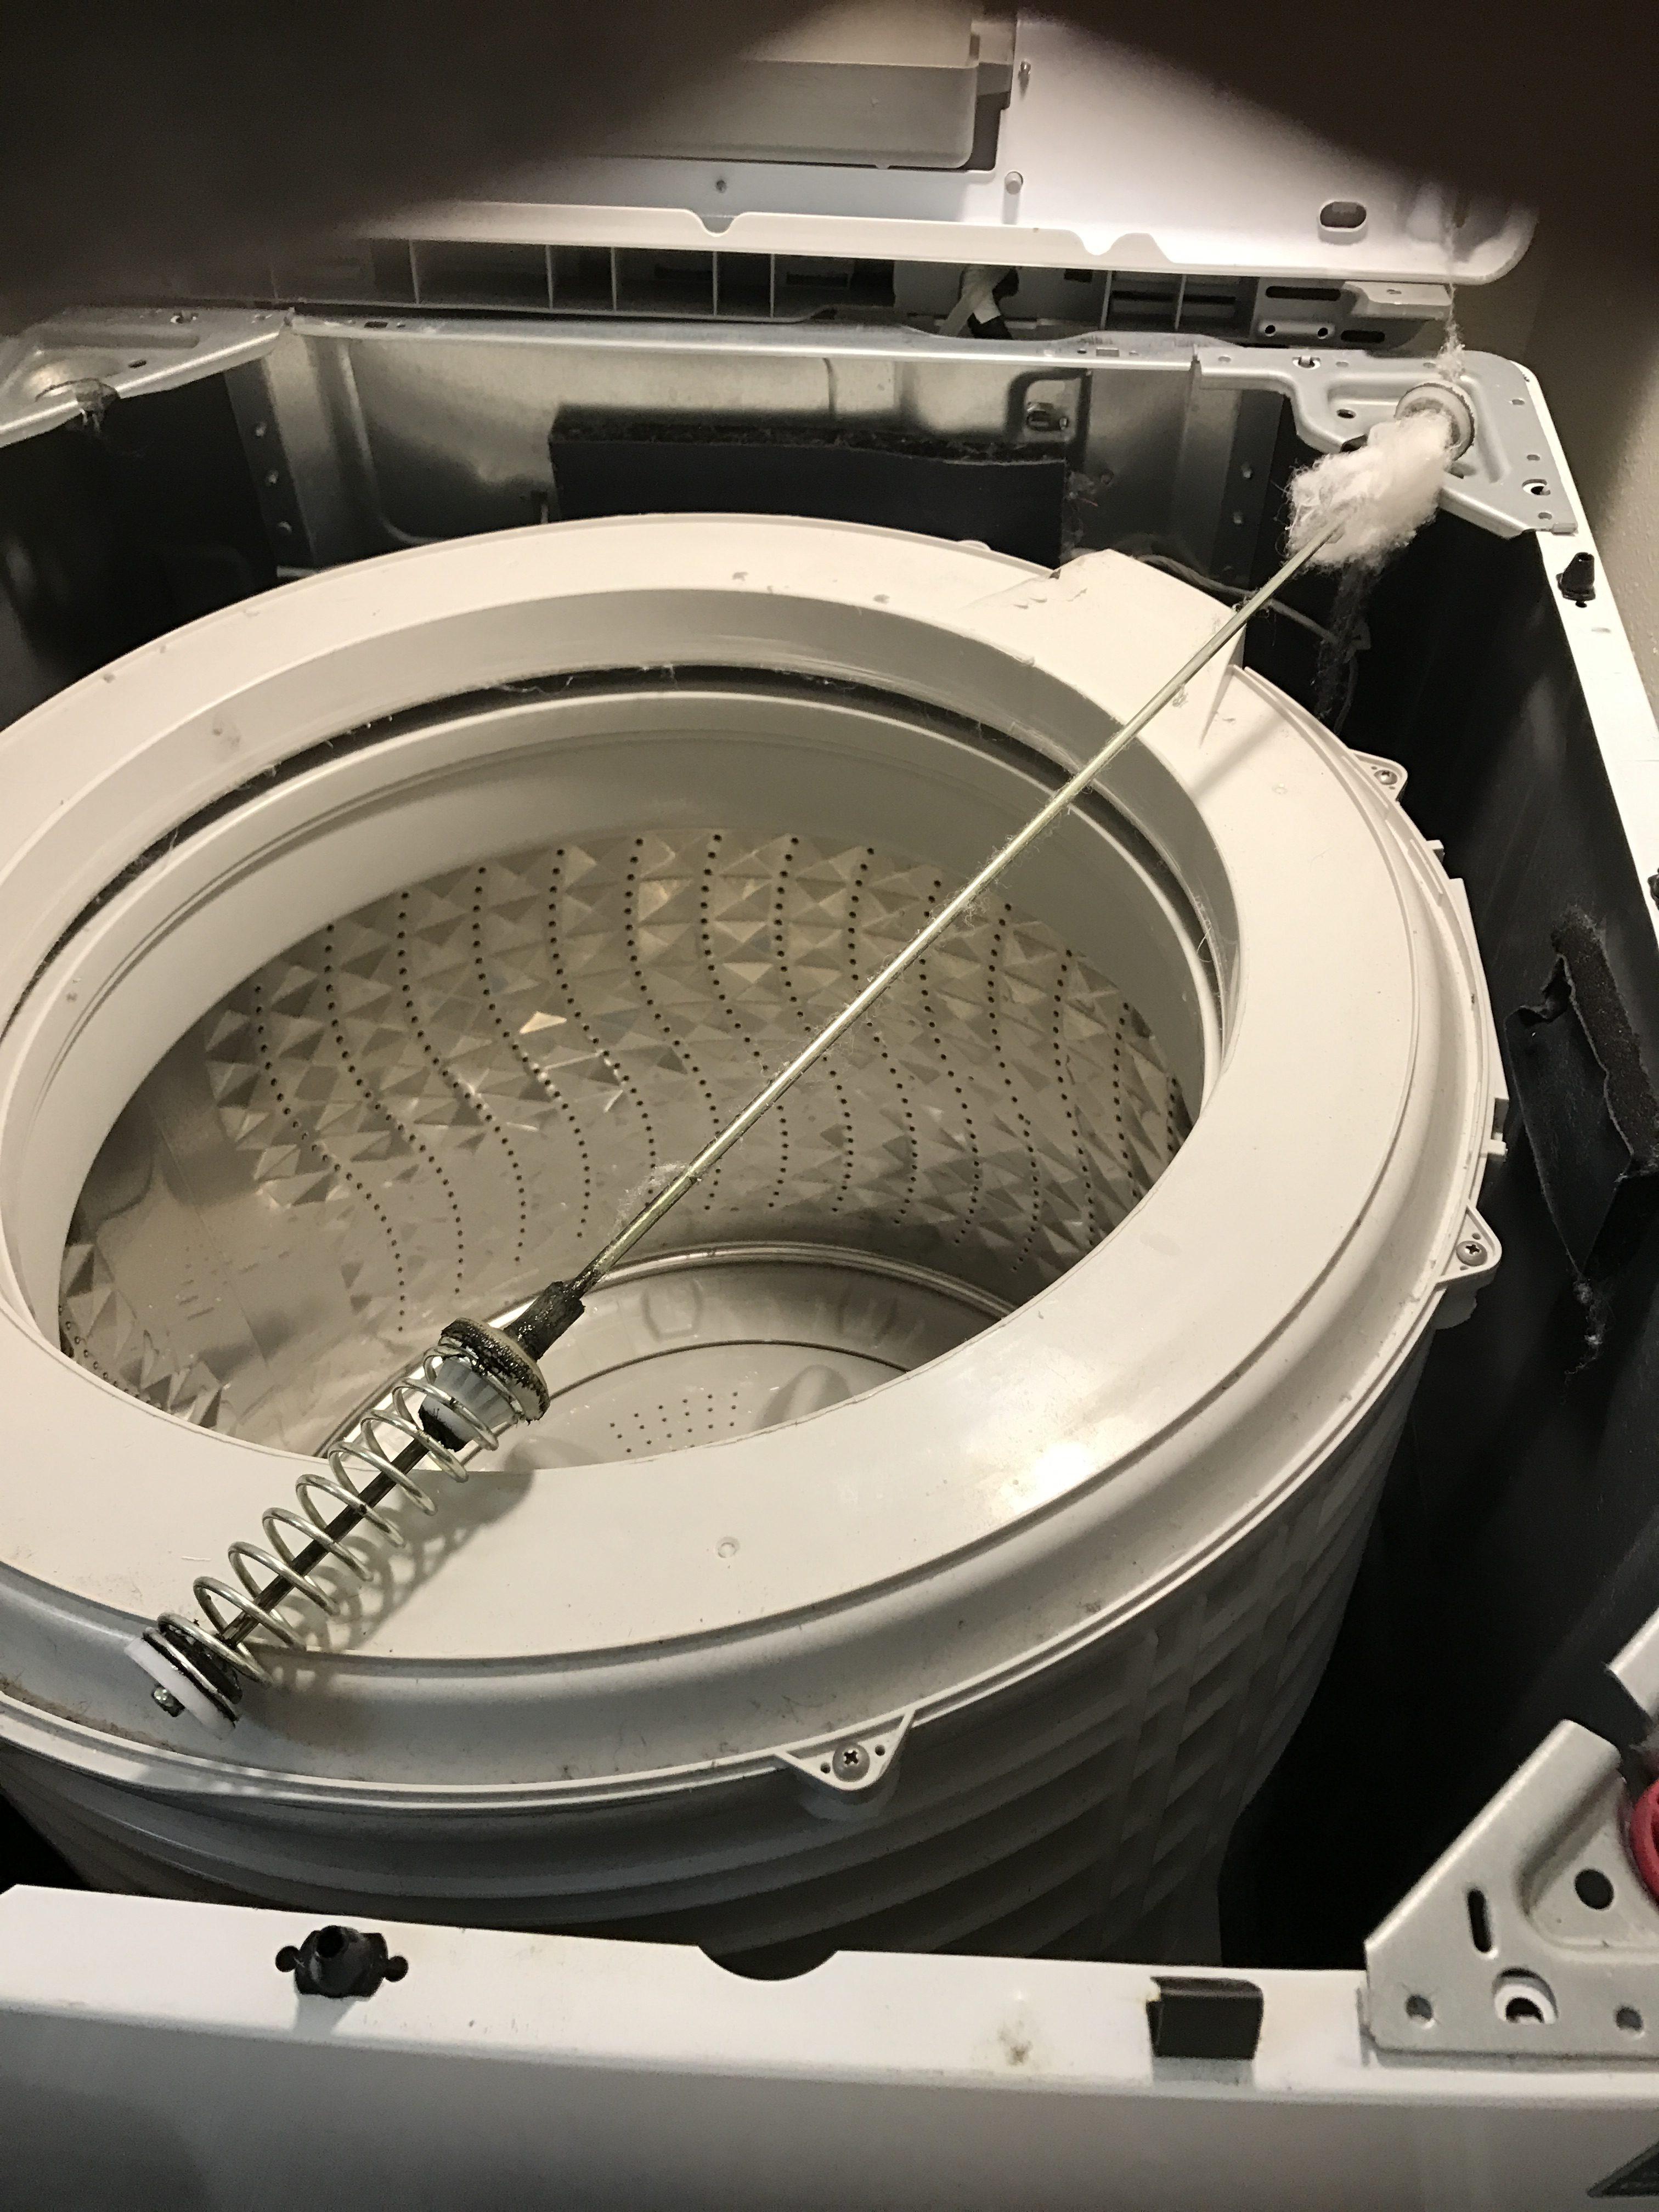 About Samsung Washer Mod#WA400PJHDWR